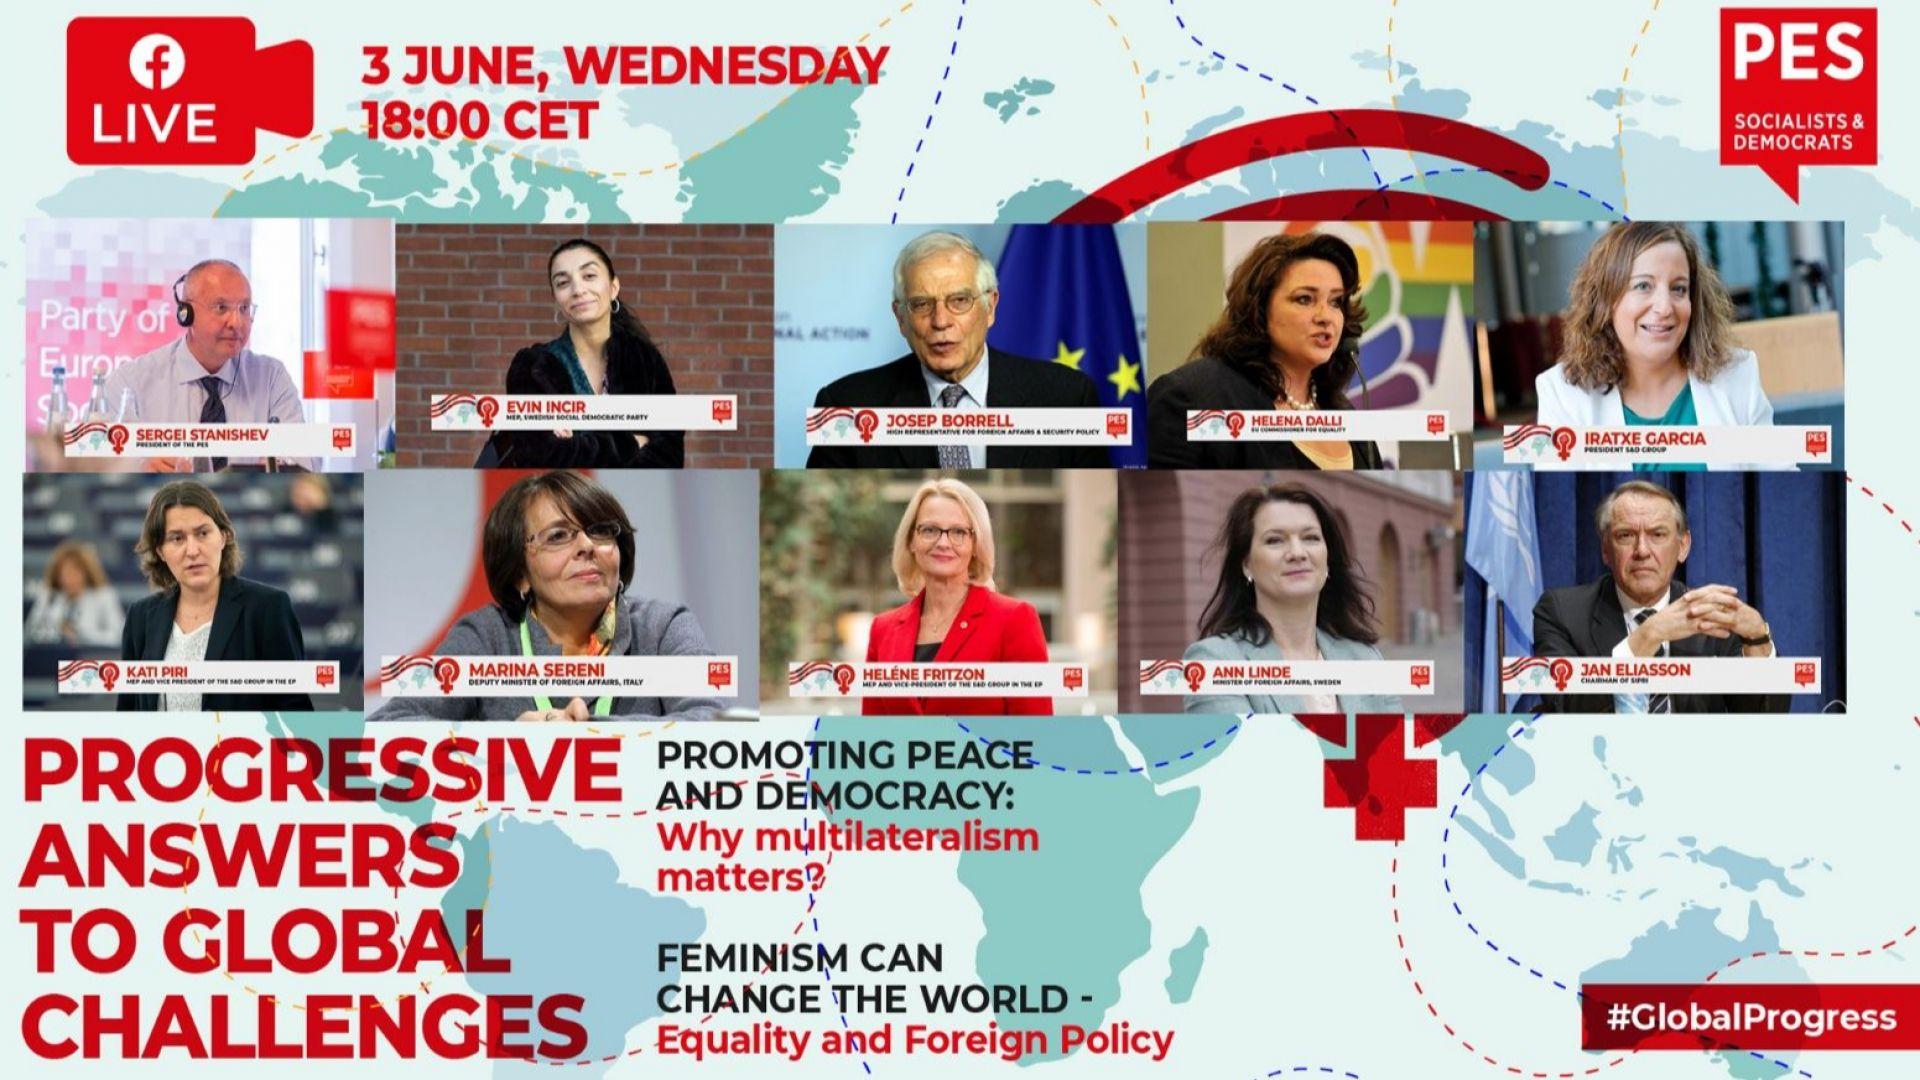 ПЕС: ЕС да поеме ролята на глобален лидер, иначе демокрацията е в опасност